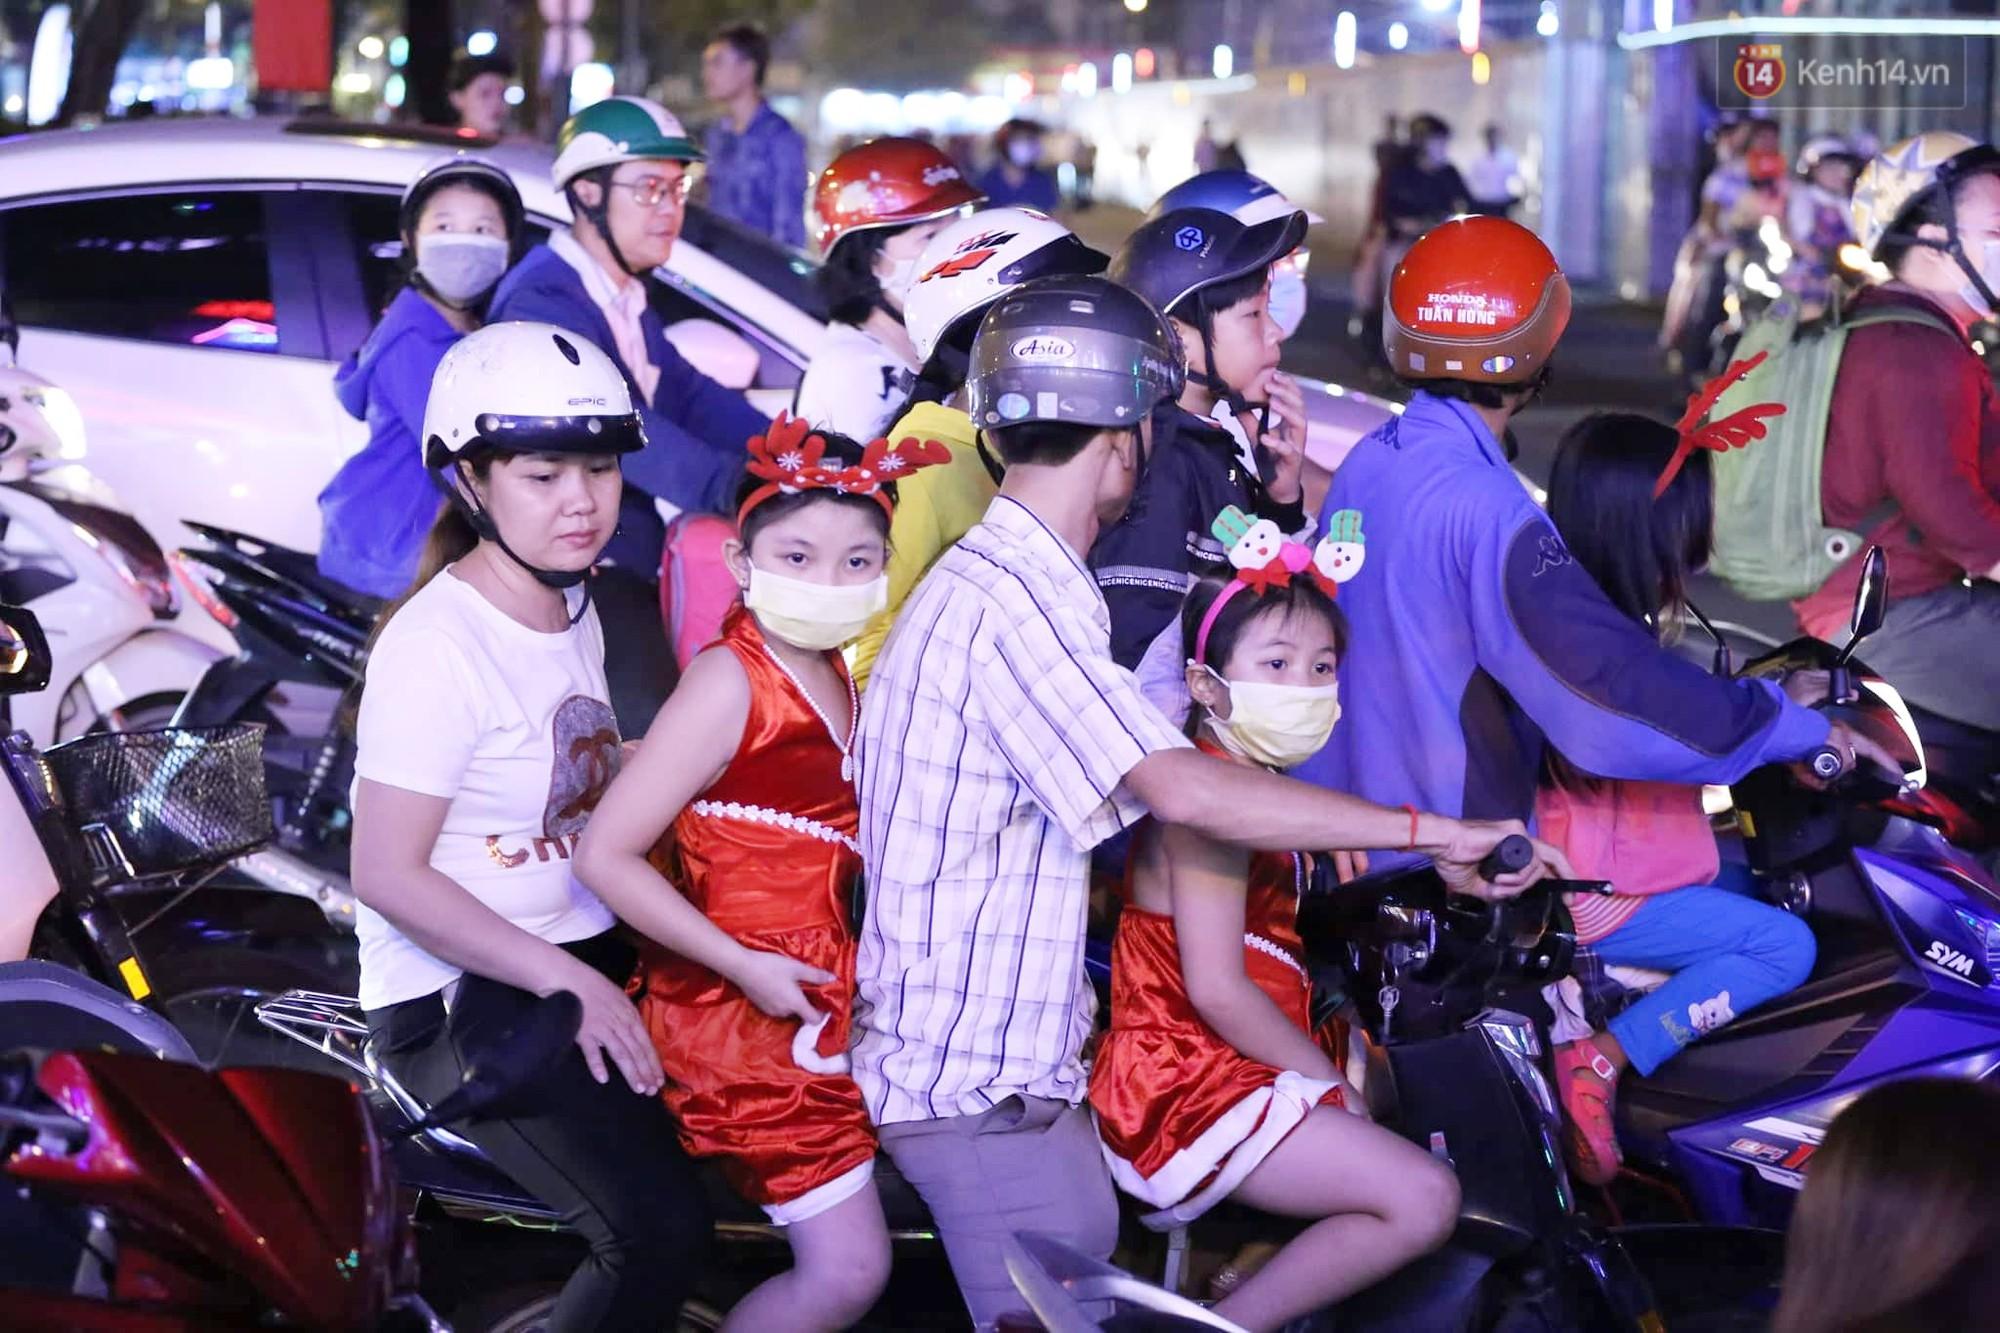 Người dân Hà Nội, Sài Gòn và Đà Nẵng nô nức xuống đường, khắp phố phường khoác lên mình tấm áo Giáng sinh đầy màu sắc - Ảnh 8.